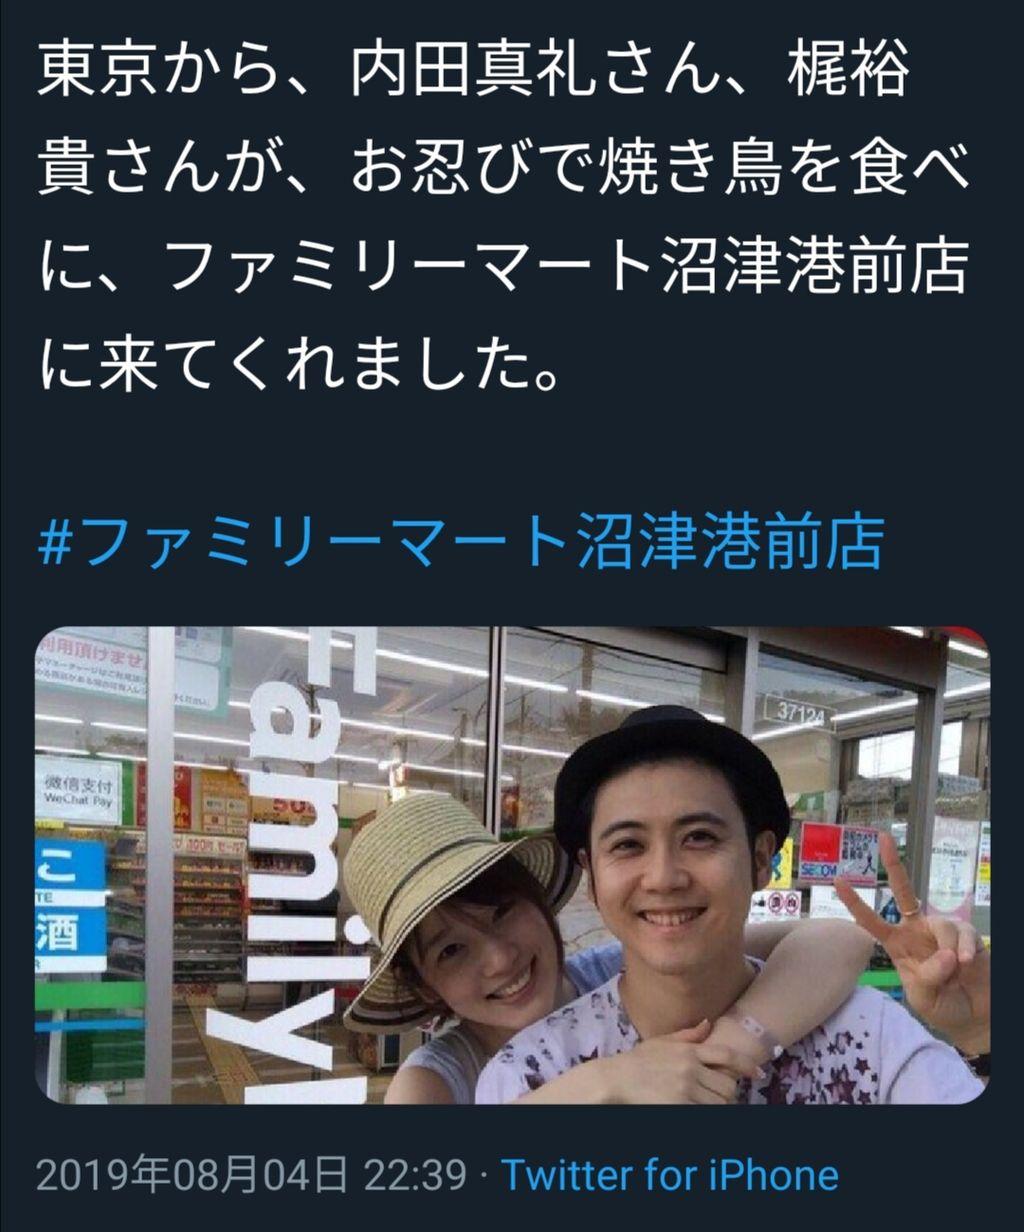 悲報 梶裕貴さん不倫 内田真礼さんとのヤバい写真がネット上に拡散